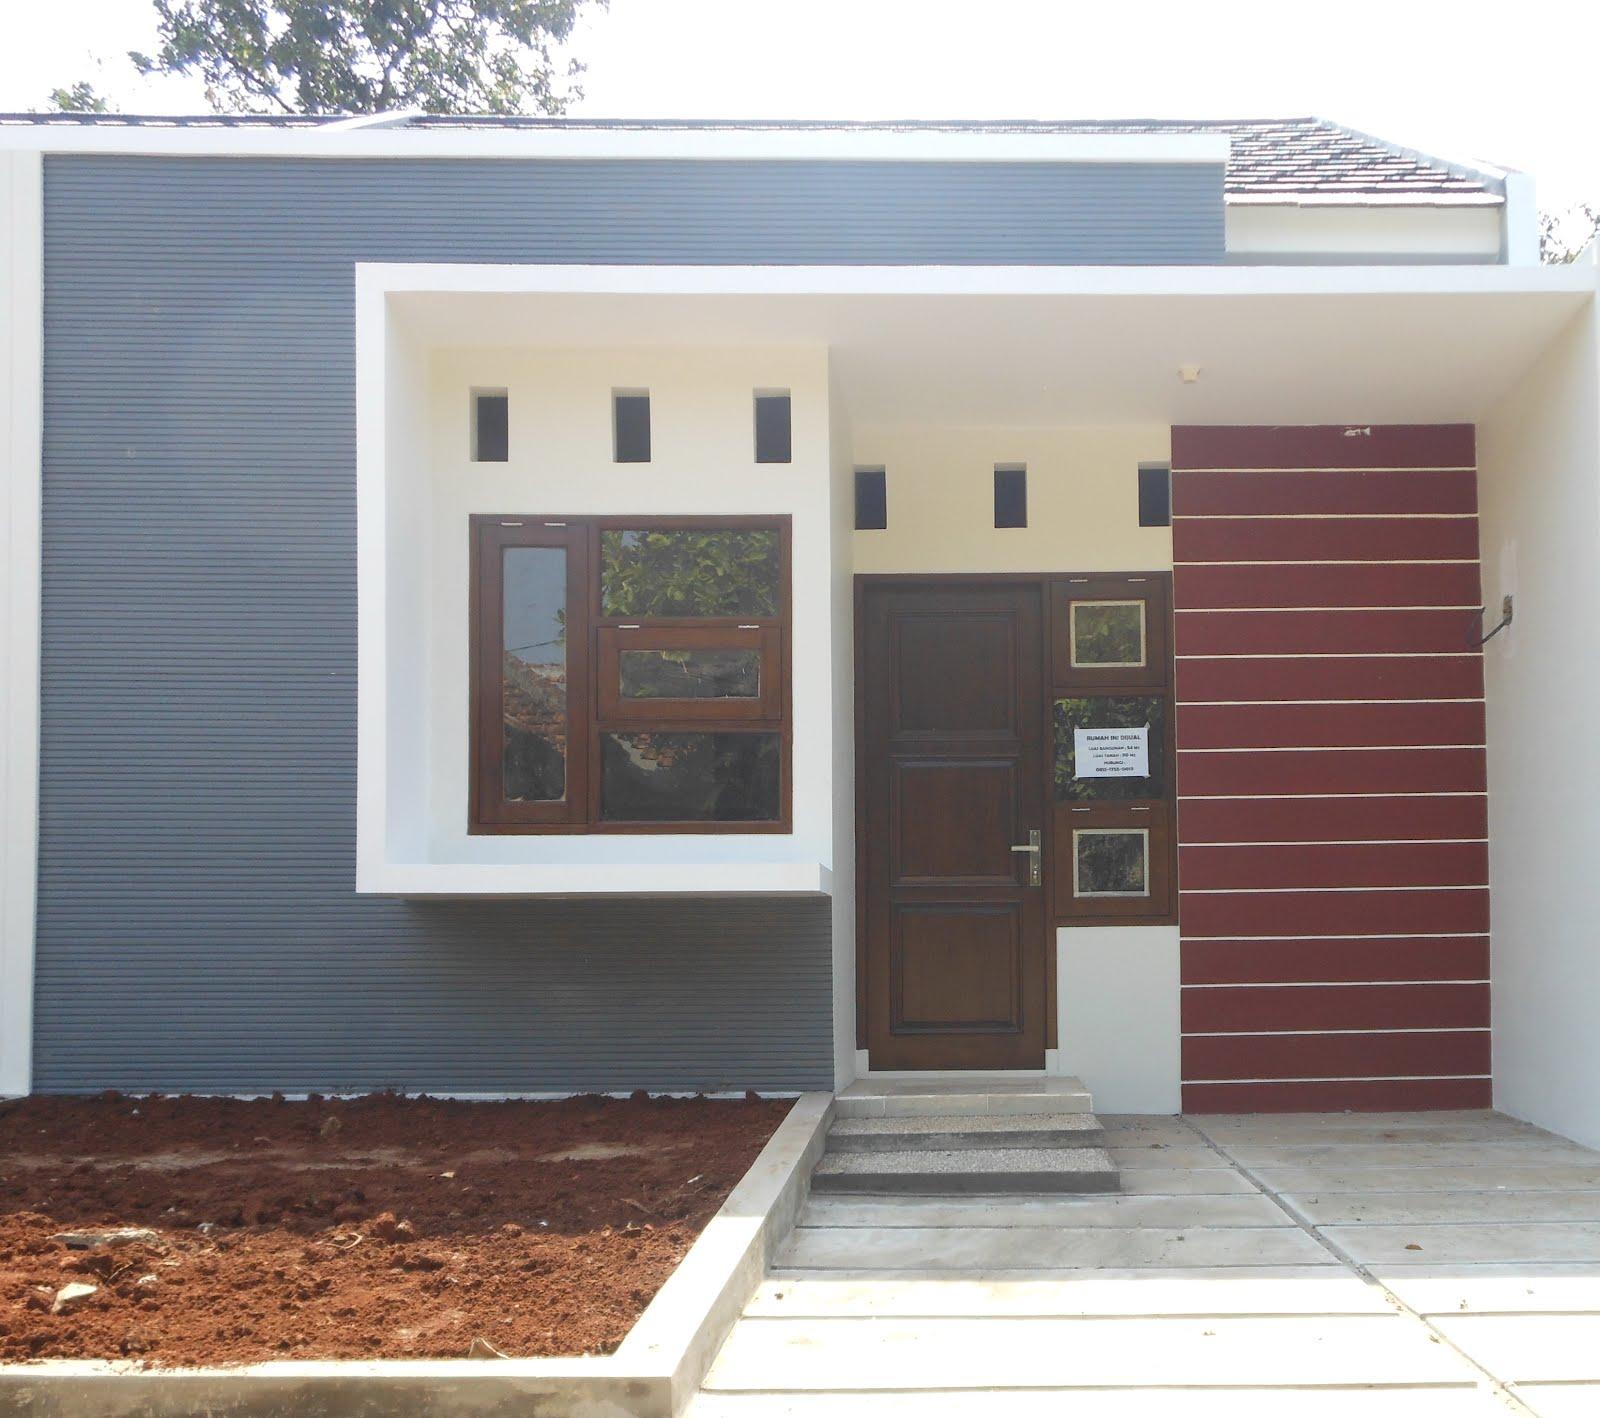 Gambar Desain Rumah Minimalis Atap Cor Wallpaper Dinding